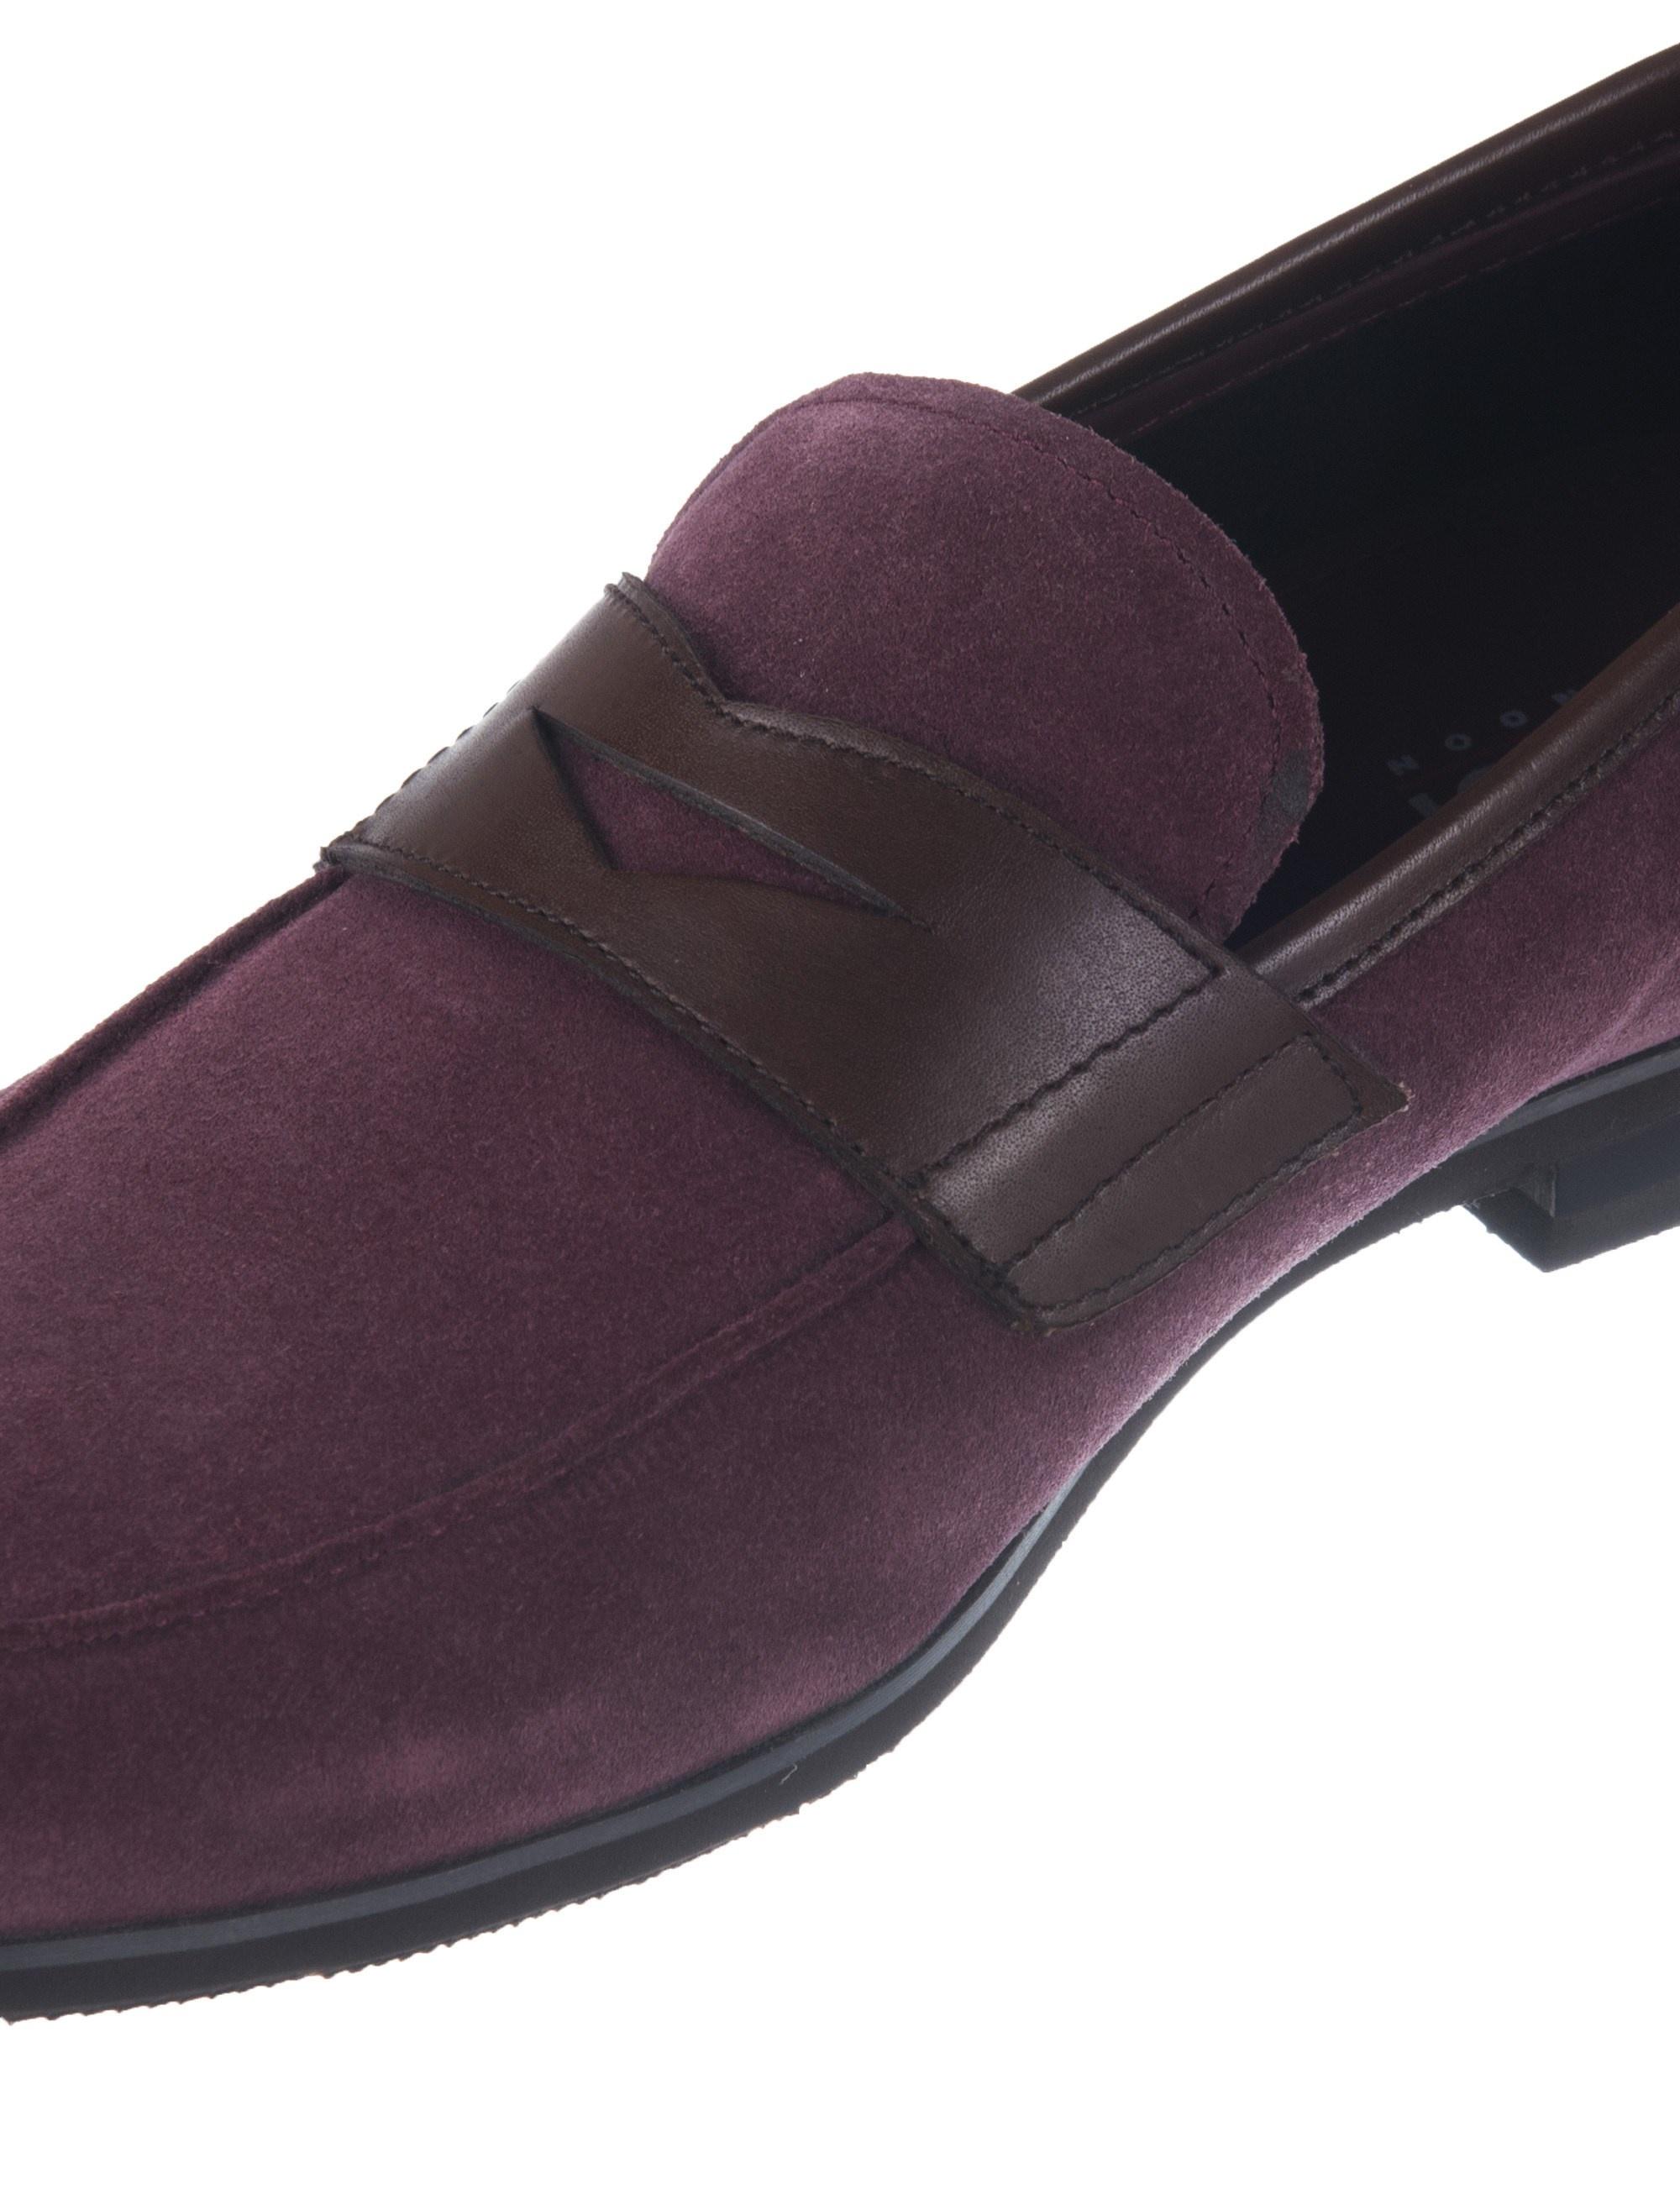 کفش چرم راحتی مردانه - بالدی - زرشکي - 5